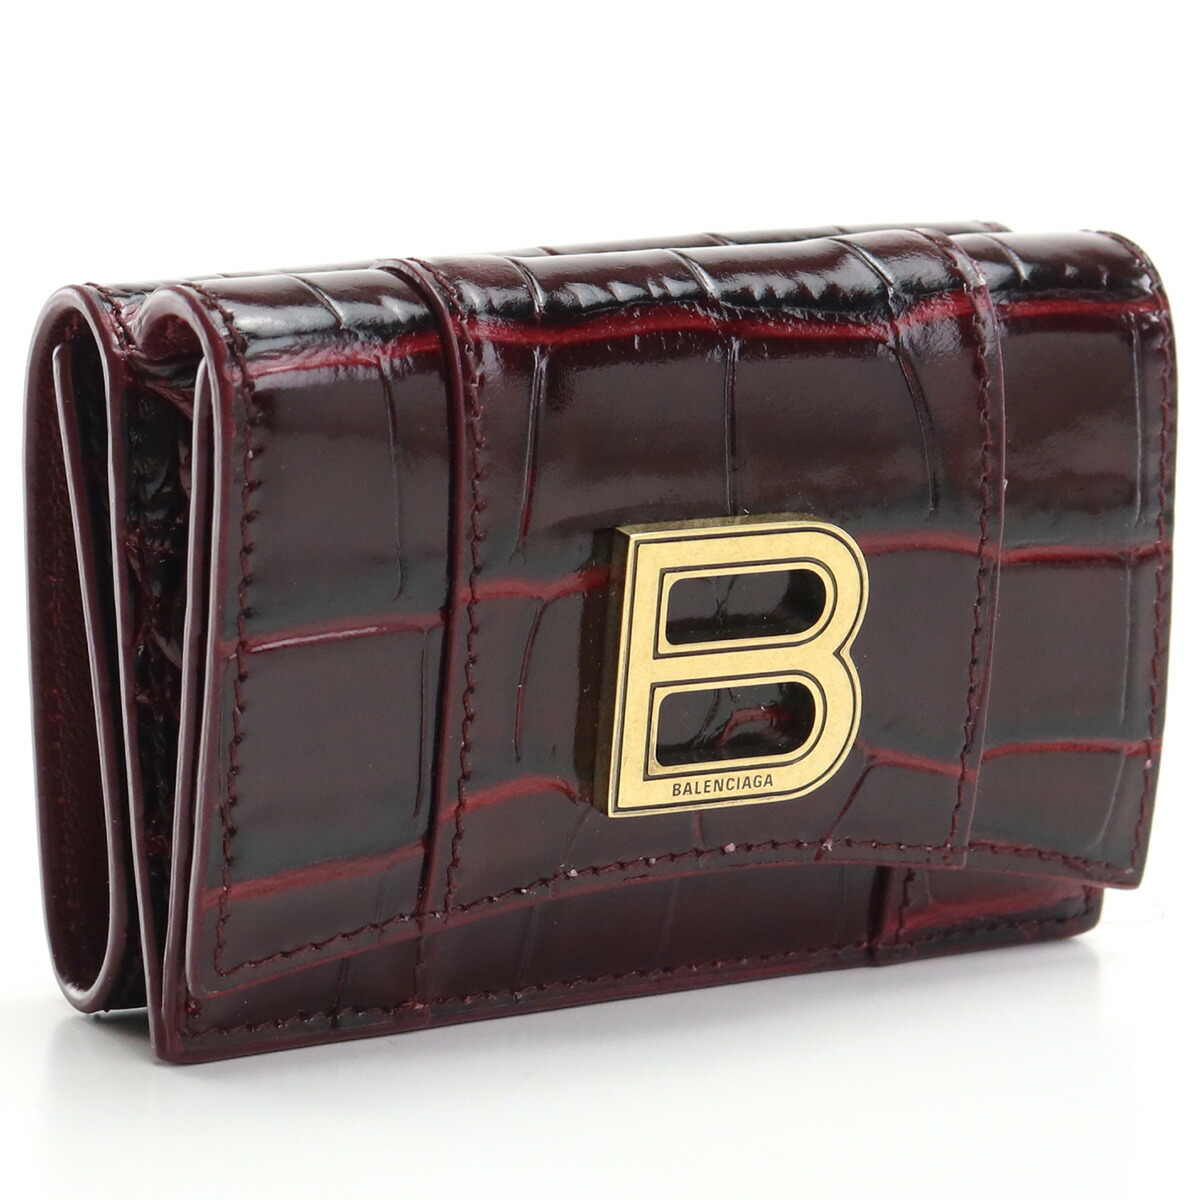 バレンシアガ BALENCIAGA  3つ折り財布 ミニ財布 コンパクト財布 600212 1LRGM 6515 レッド系 wallet-01